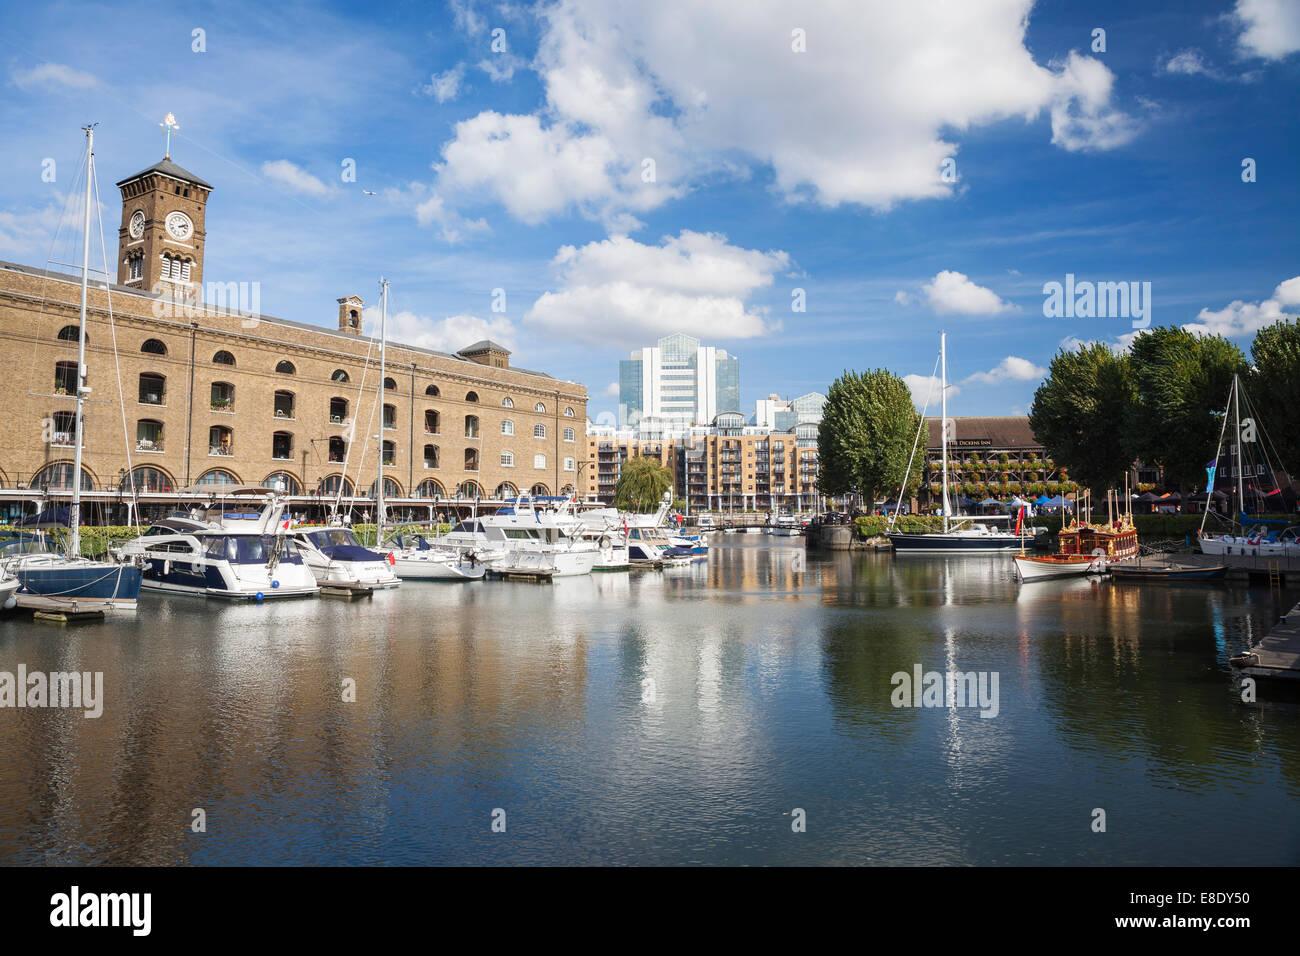 St. Katharine's Docks, London, England, UK - Stock Image